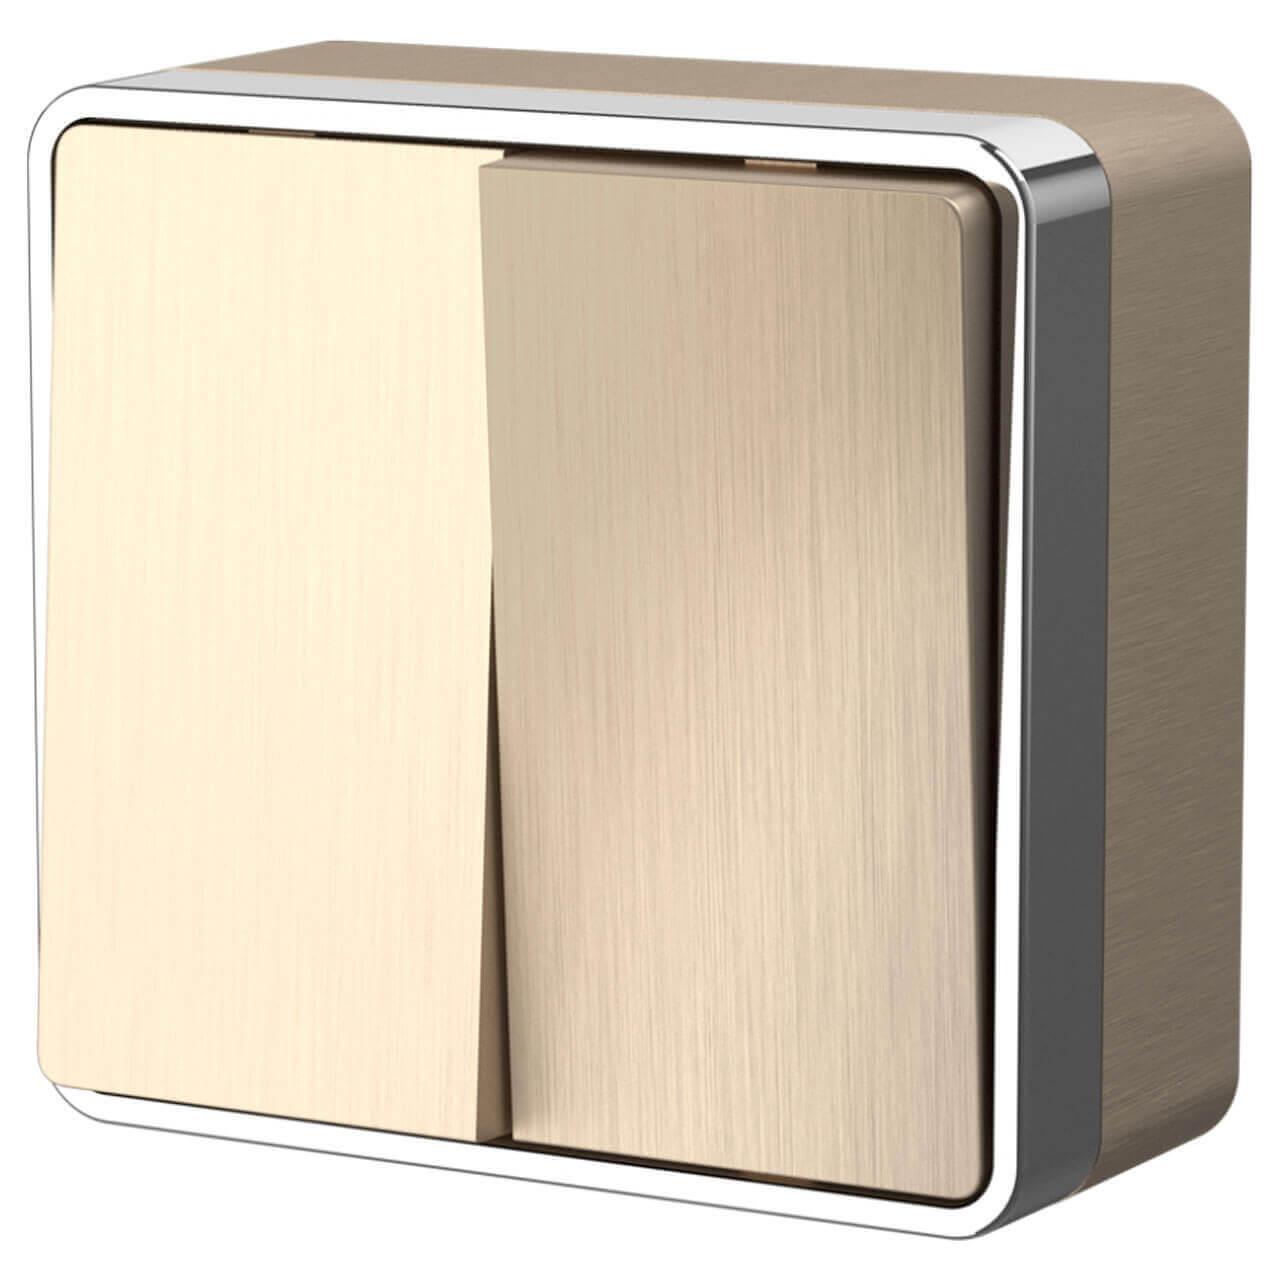 Выключатель двухклавишный влагозащищенный Werkel Gallant шампань рифленый WL15-03-02 4690389129674 выключатель для освещения werkel шампань рифленый 4690389085284